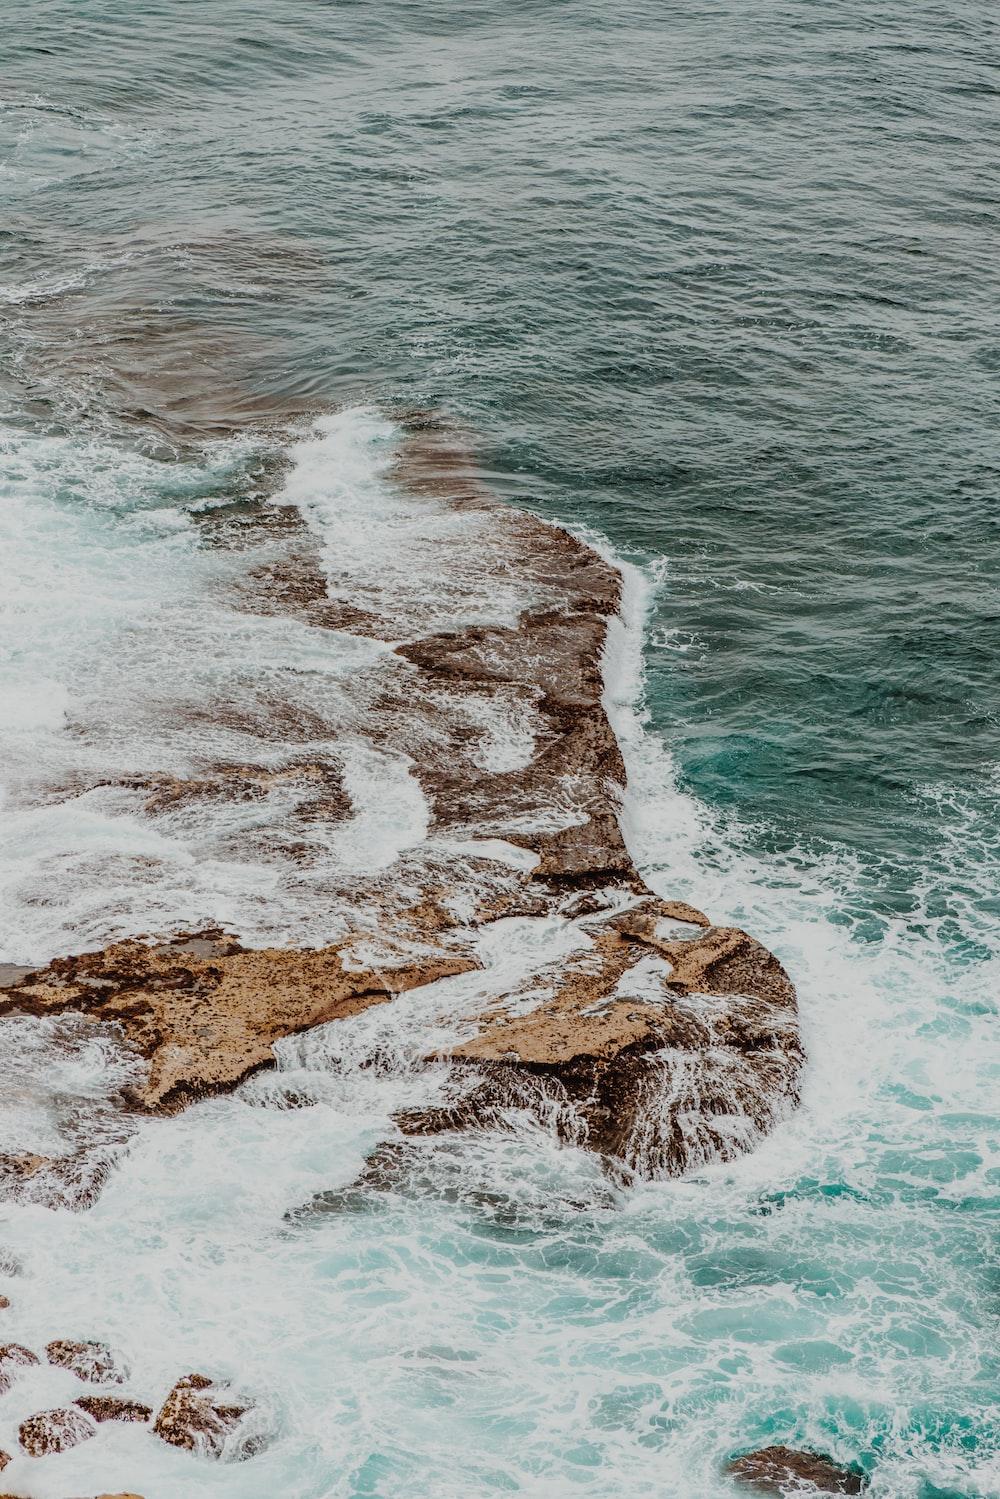 rock formation beside body of water